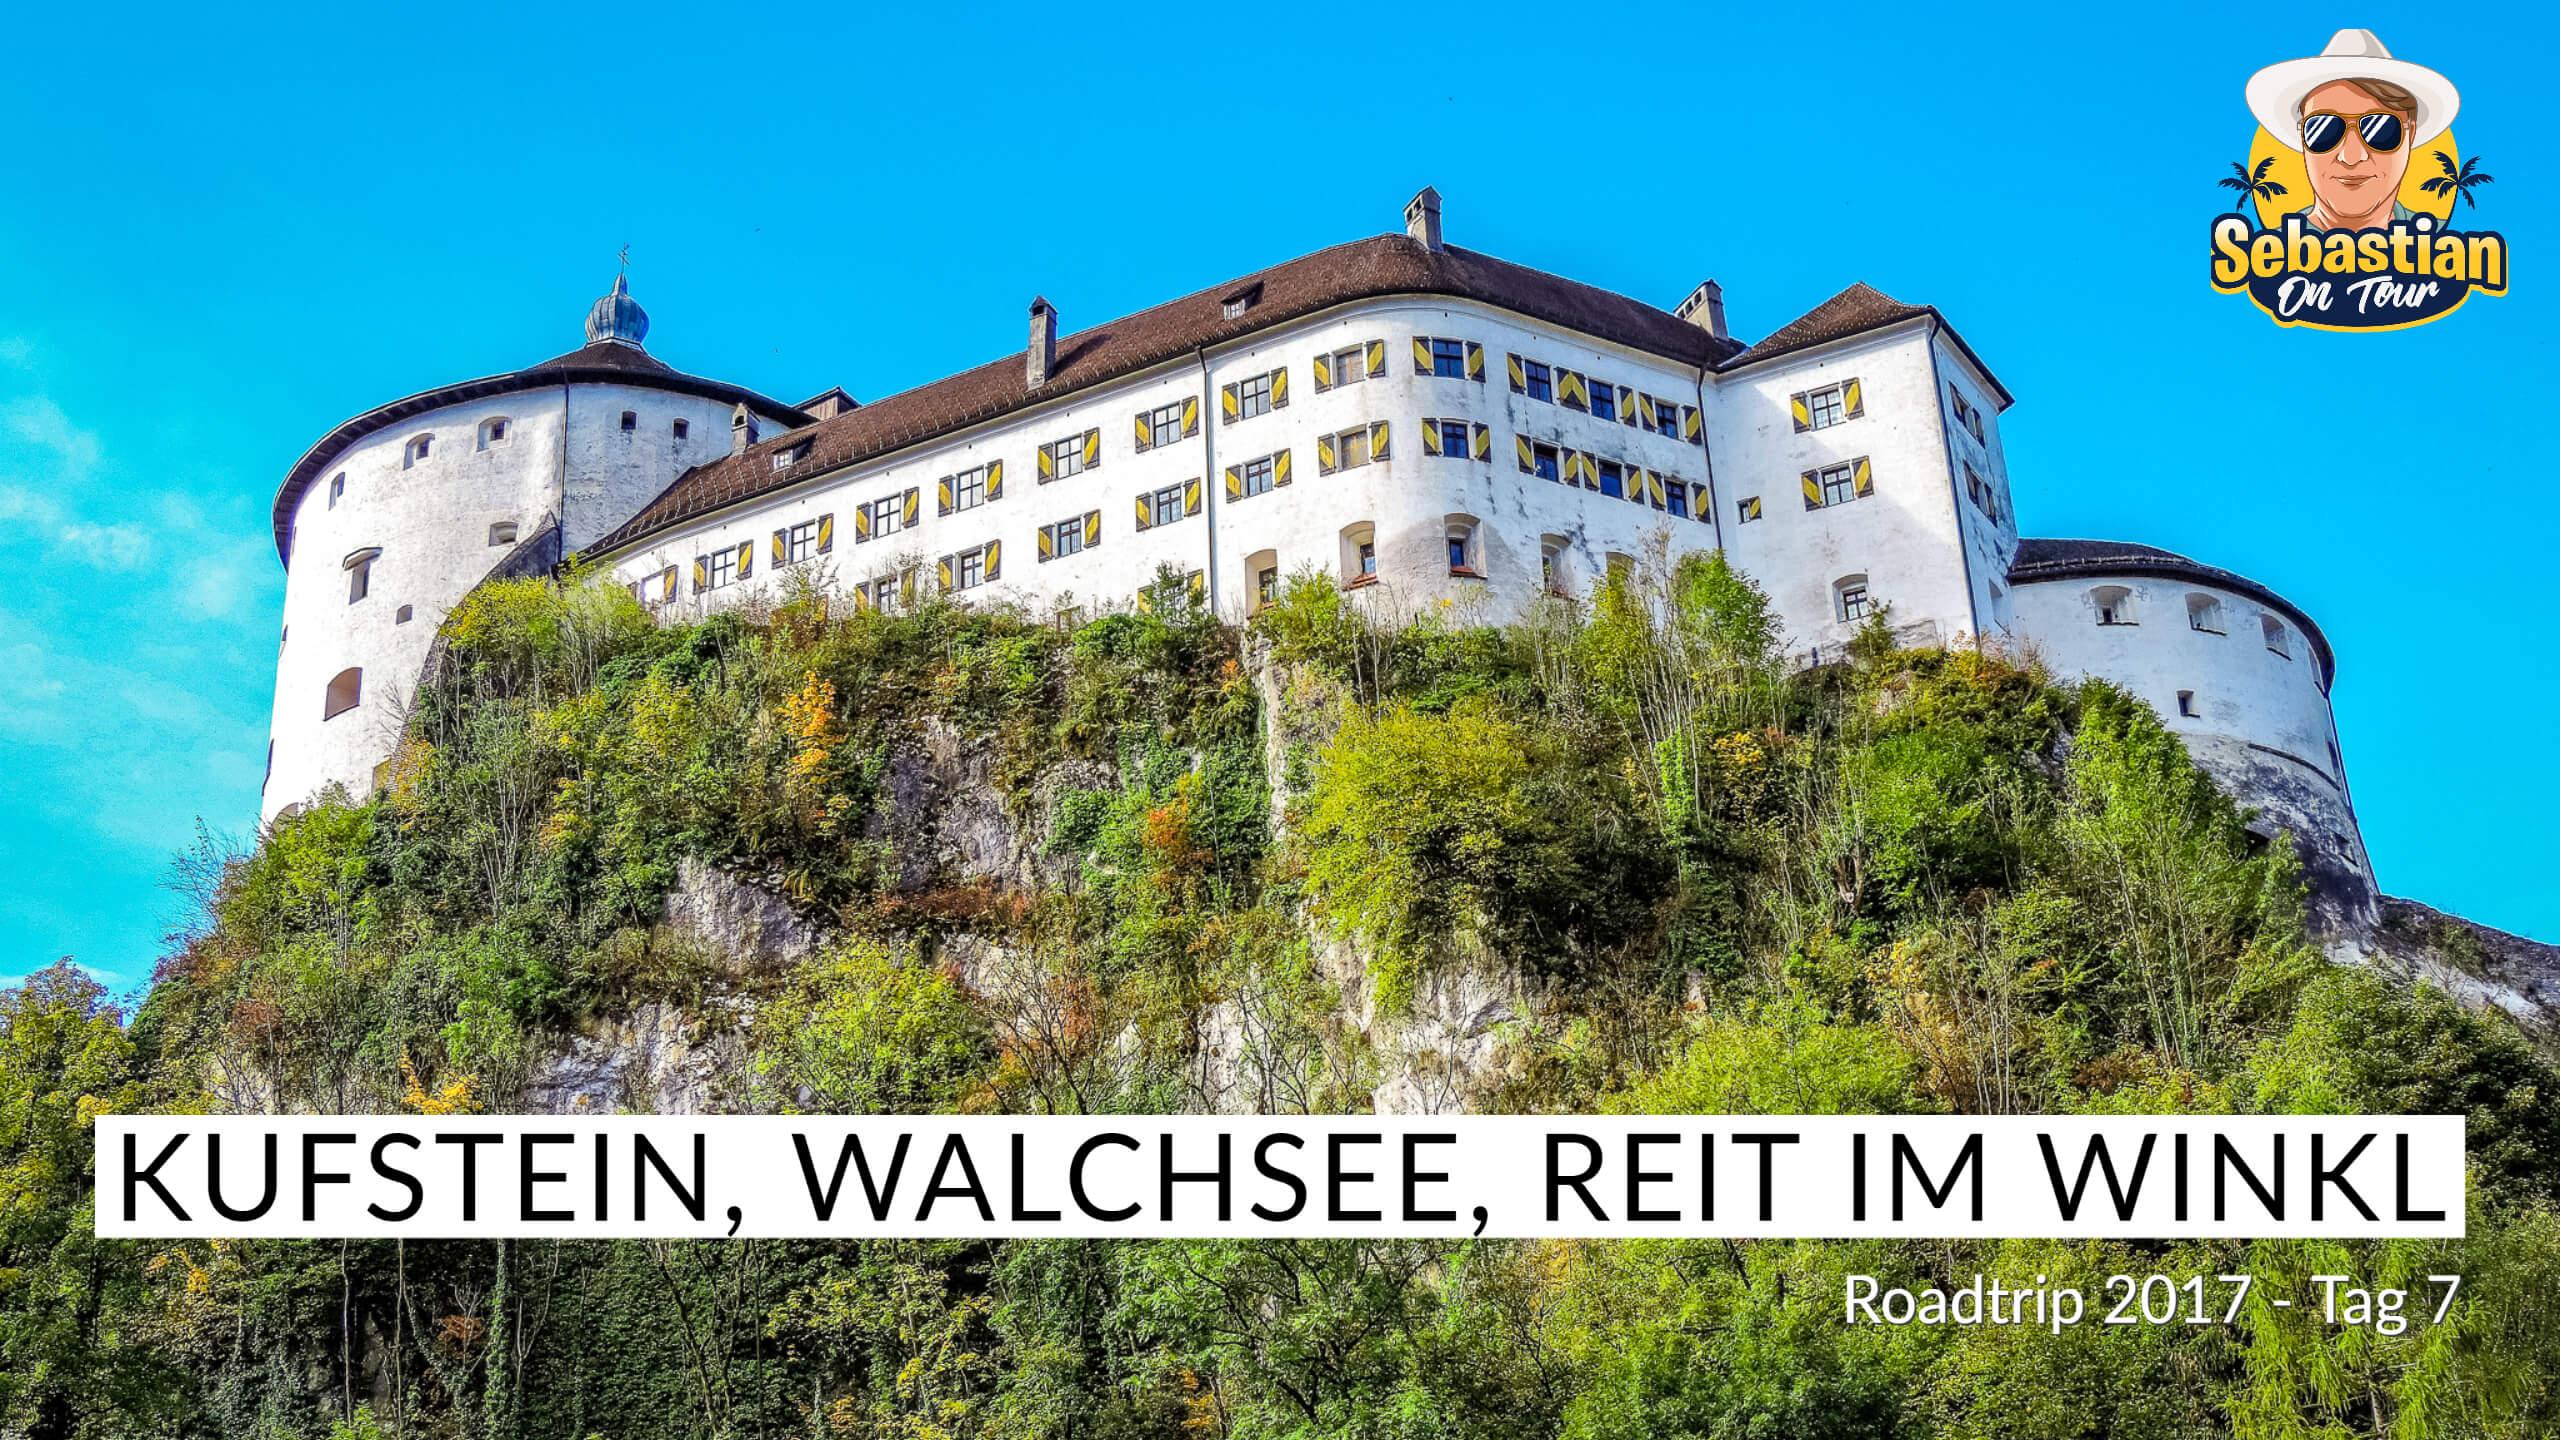 Kufstein, Walchsee, Reit im Winkl - Cabrio Tour 2017 - Tag 7